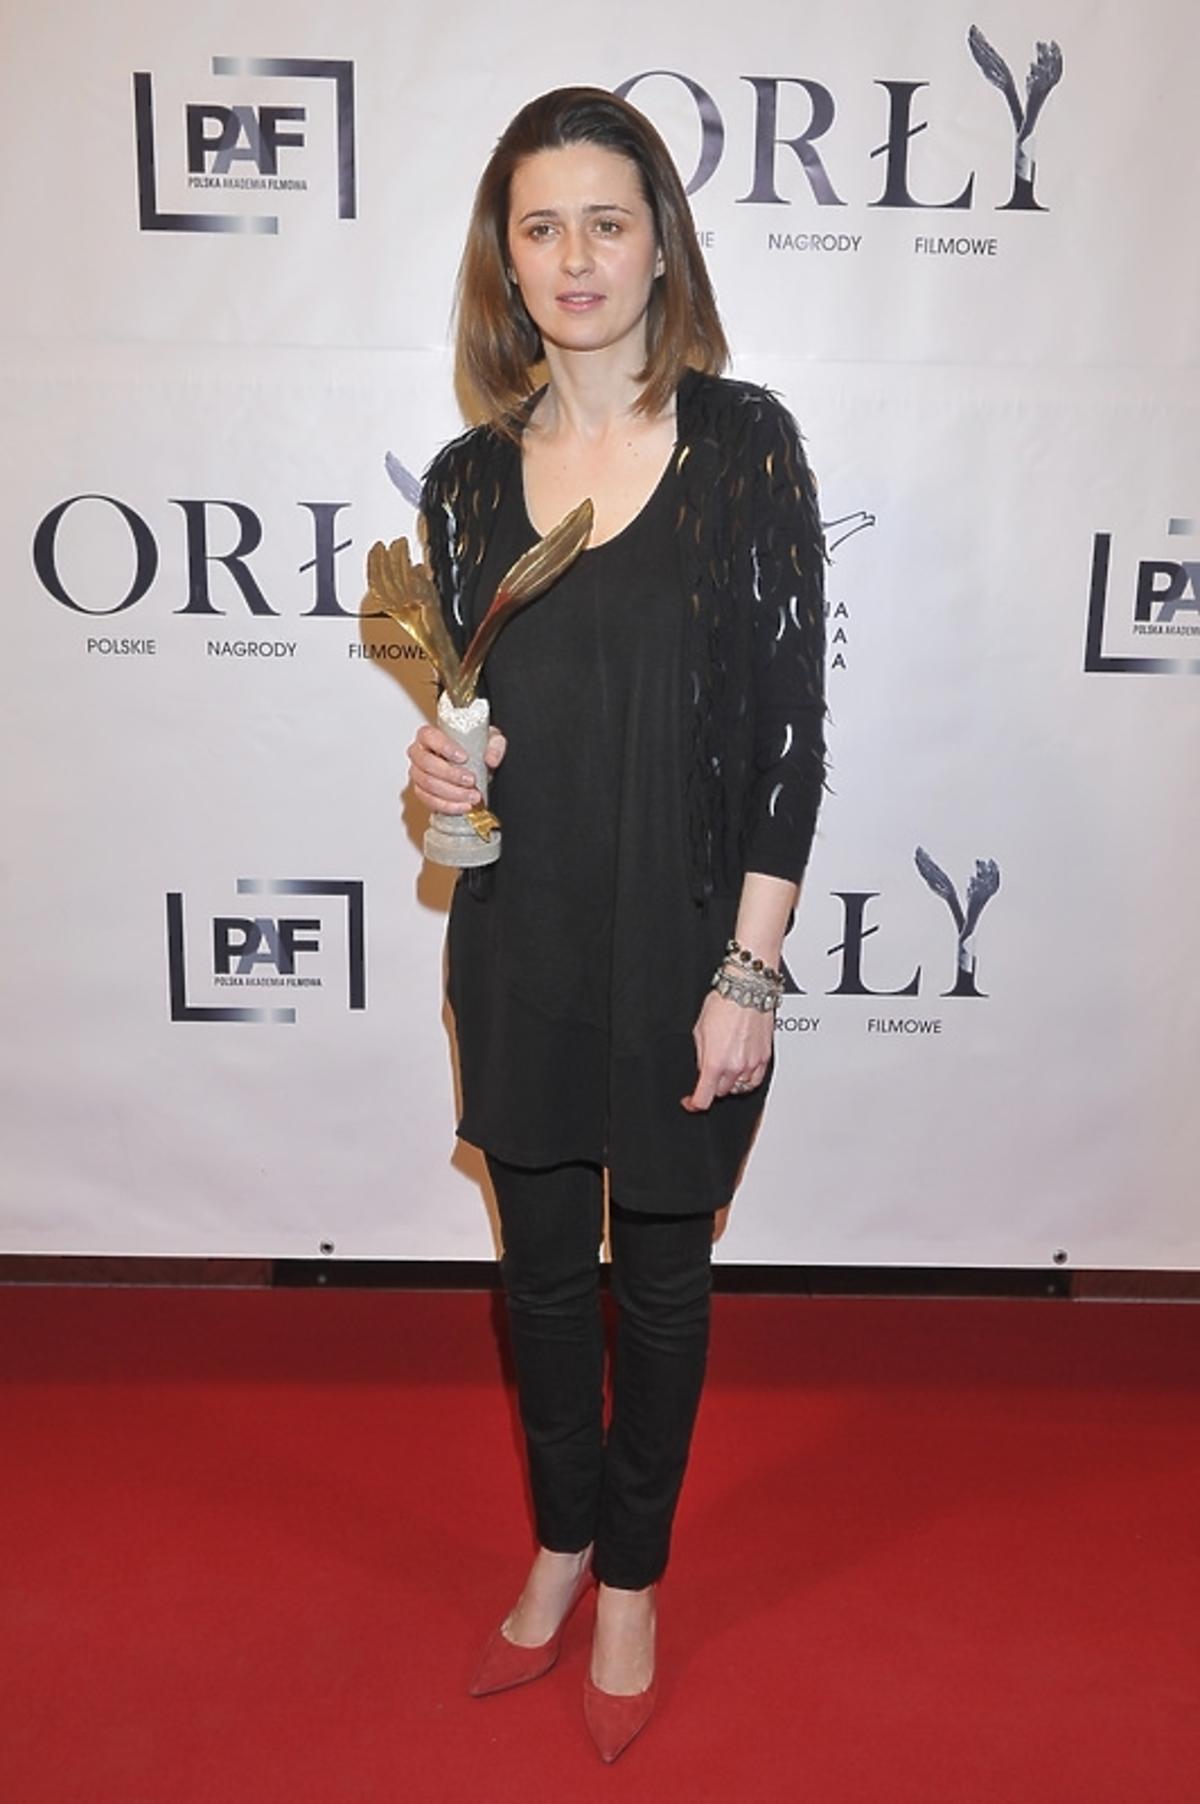 Agnieszka Grochowska na gali rozdania nagród Orły 2013